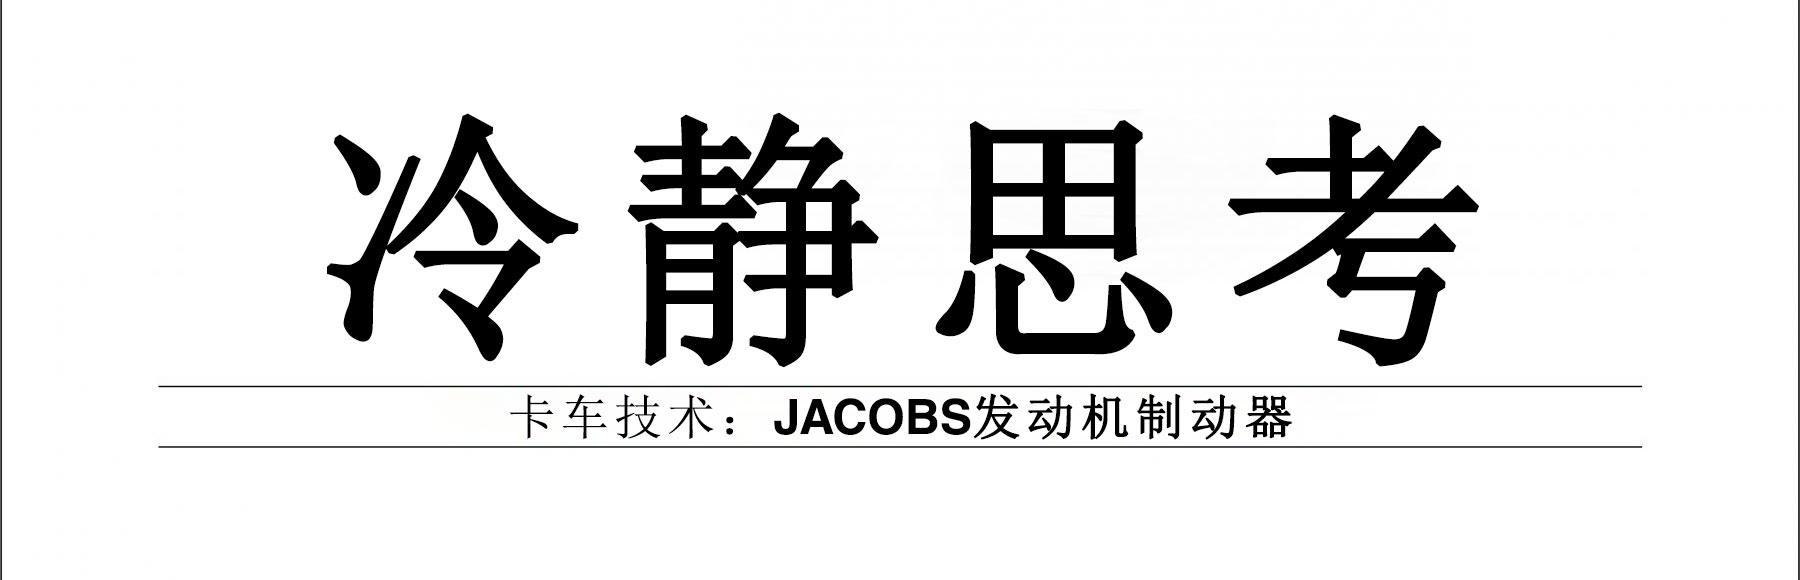 停下来仔细考虑 - 卡车技术:Jacobs发动机制动器